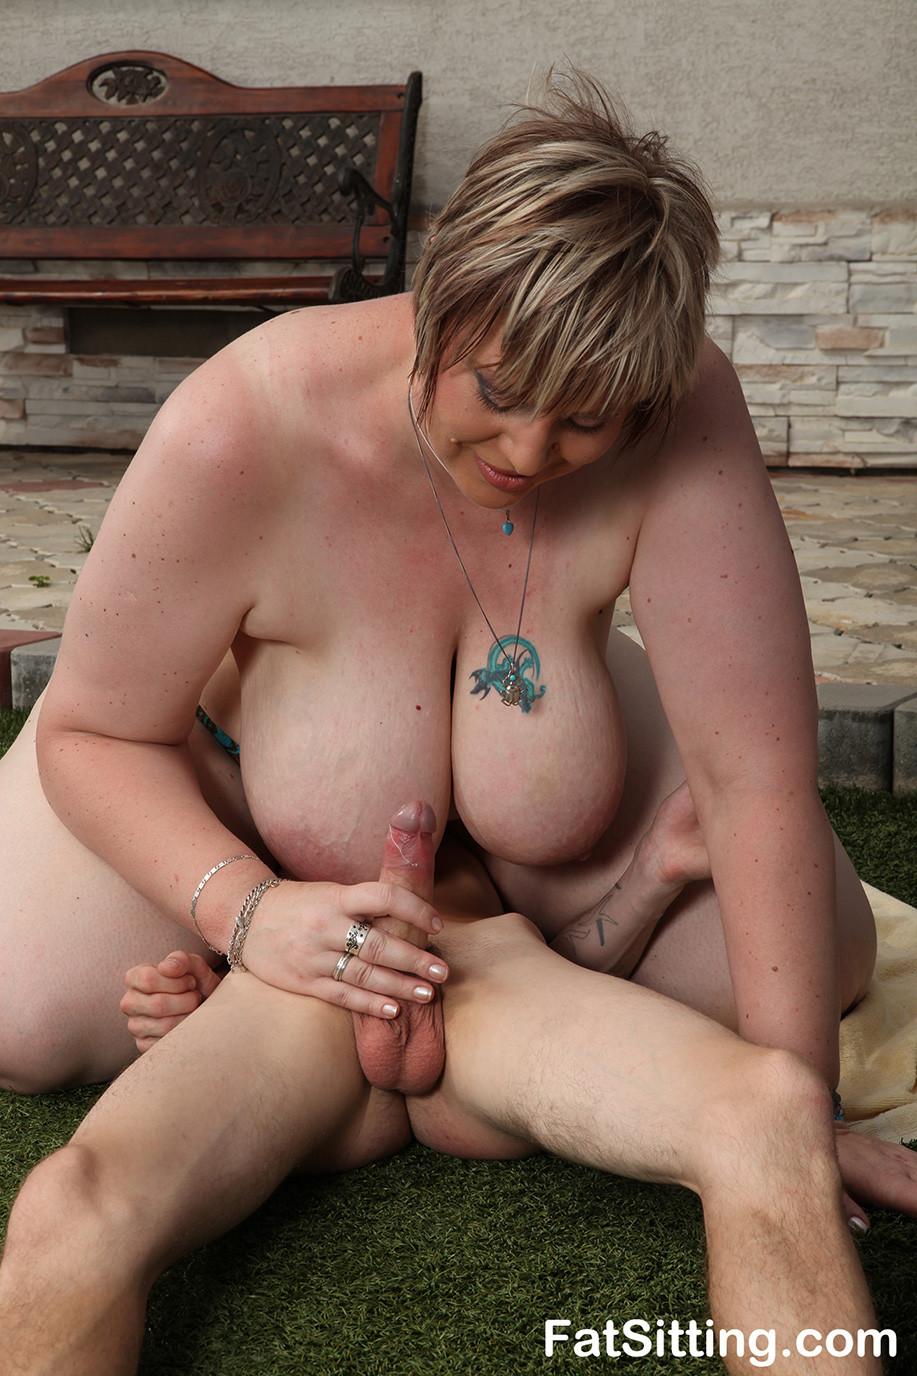 Best butt non nude